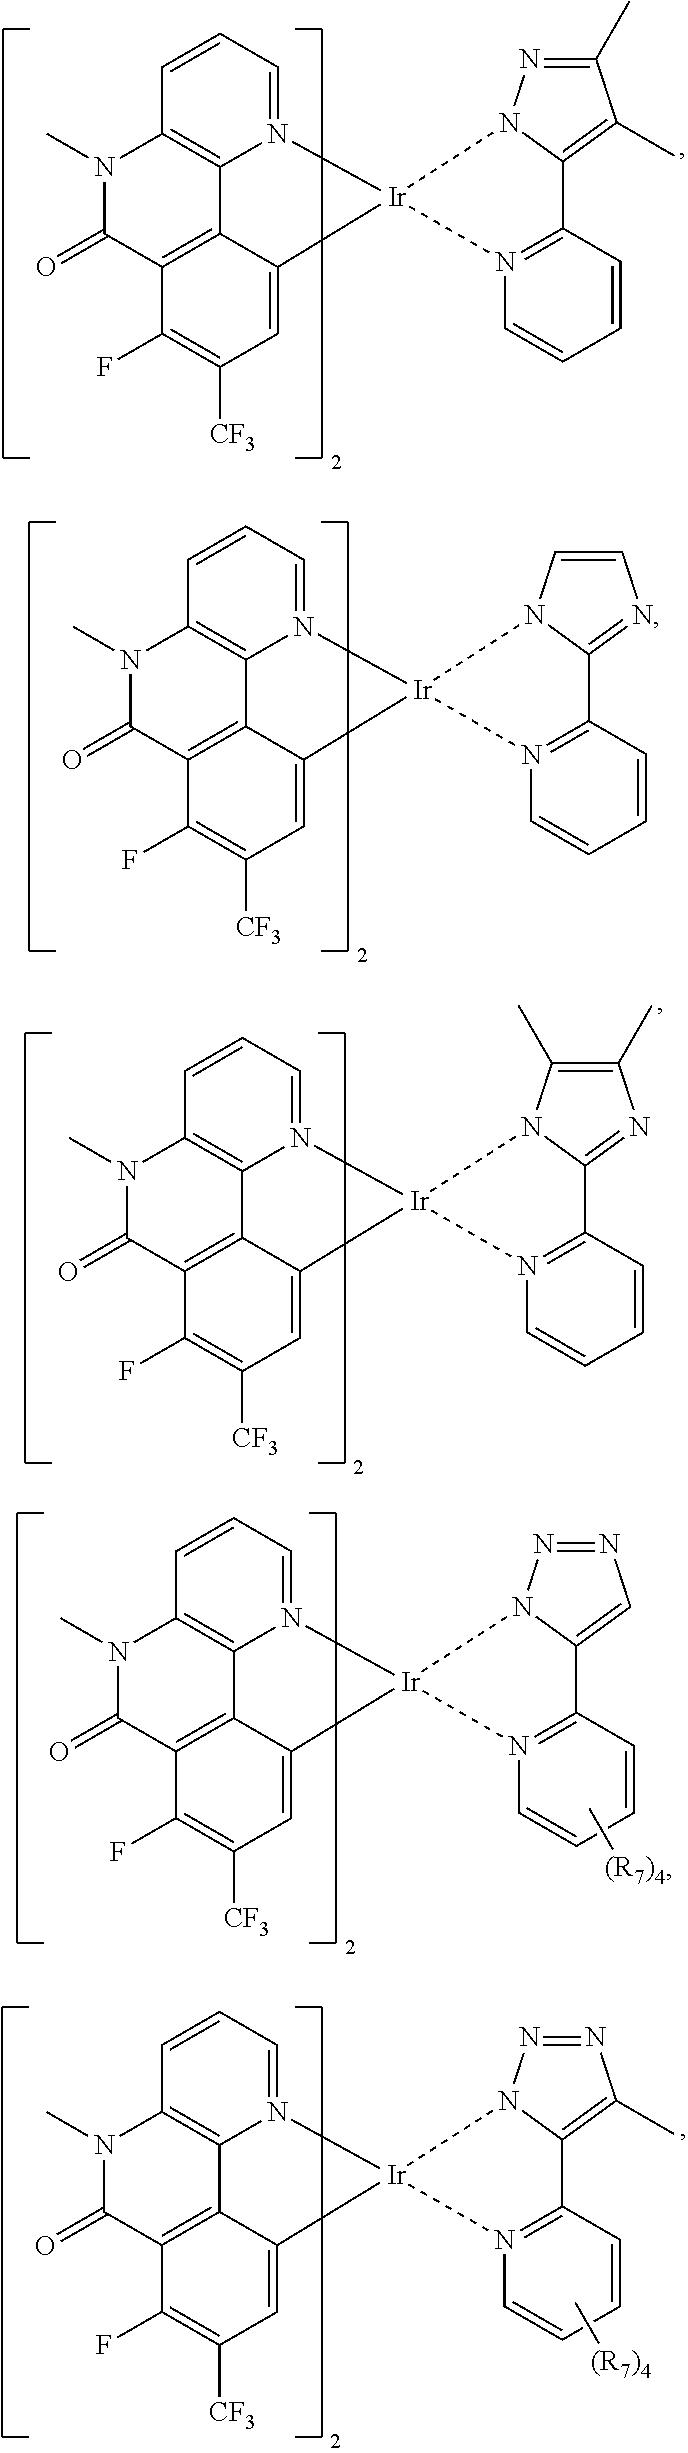 Figure US09634266-20170425-C00017